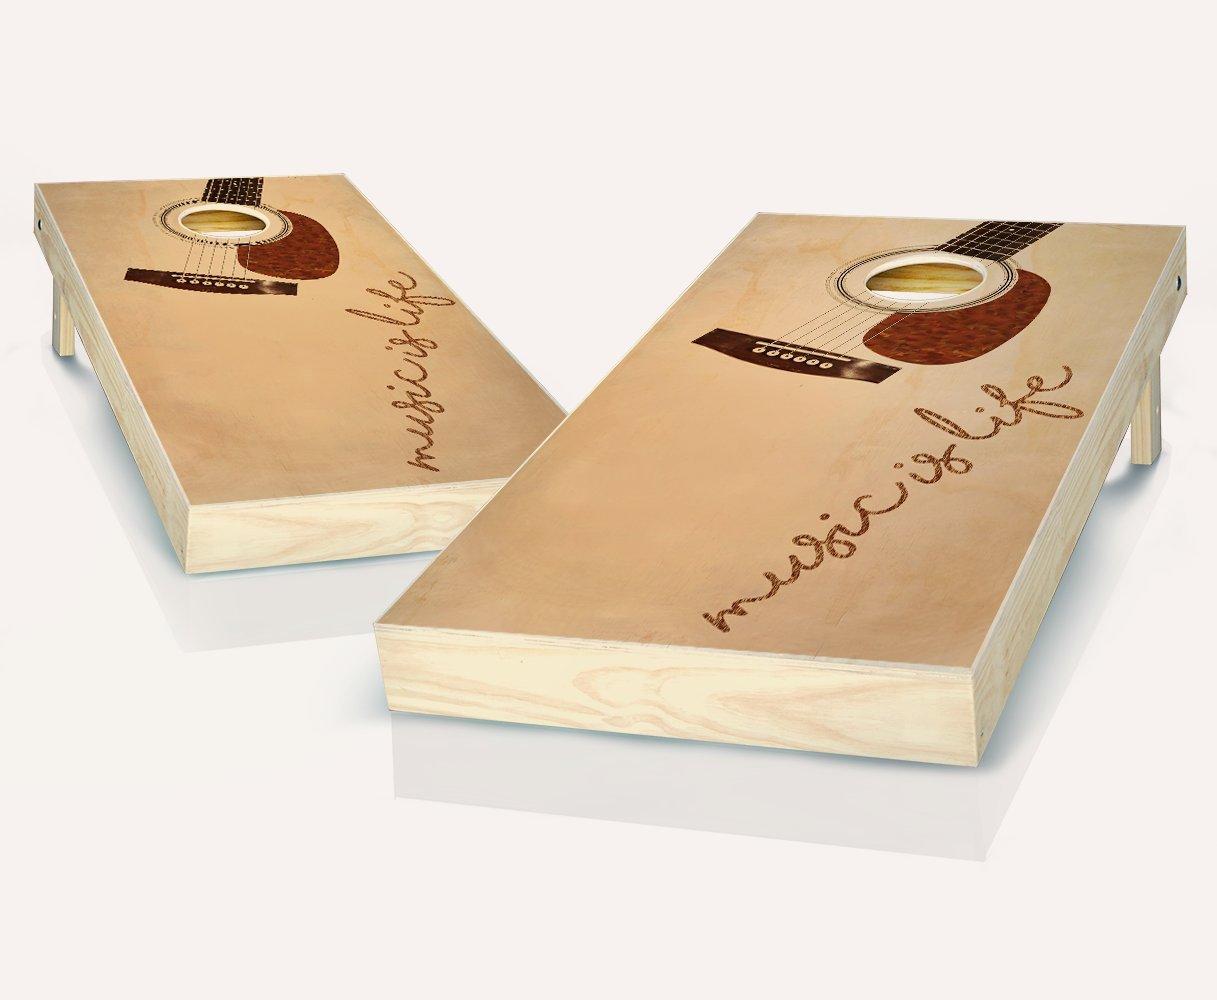 音楽はLifeエボニーStained Cornhole Boards withのセット8 Cornhole Bags B07BH33LZT